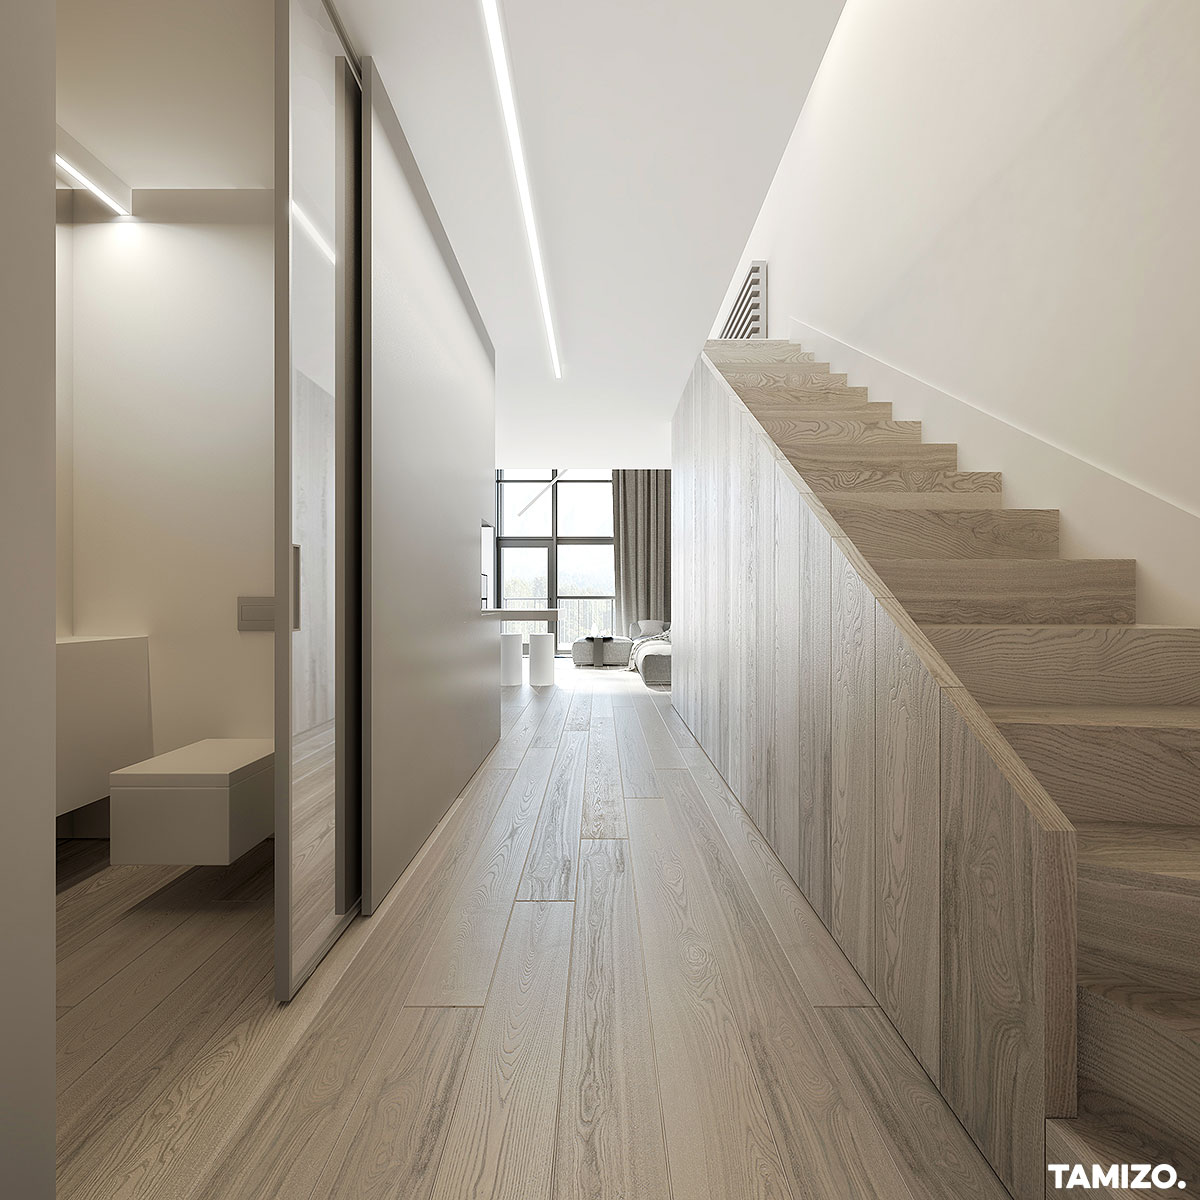 I065_tamizo_architekci_projekt-wnetrza-mieszkania-loft-kawalerka-warszawa-01